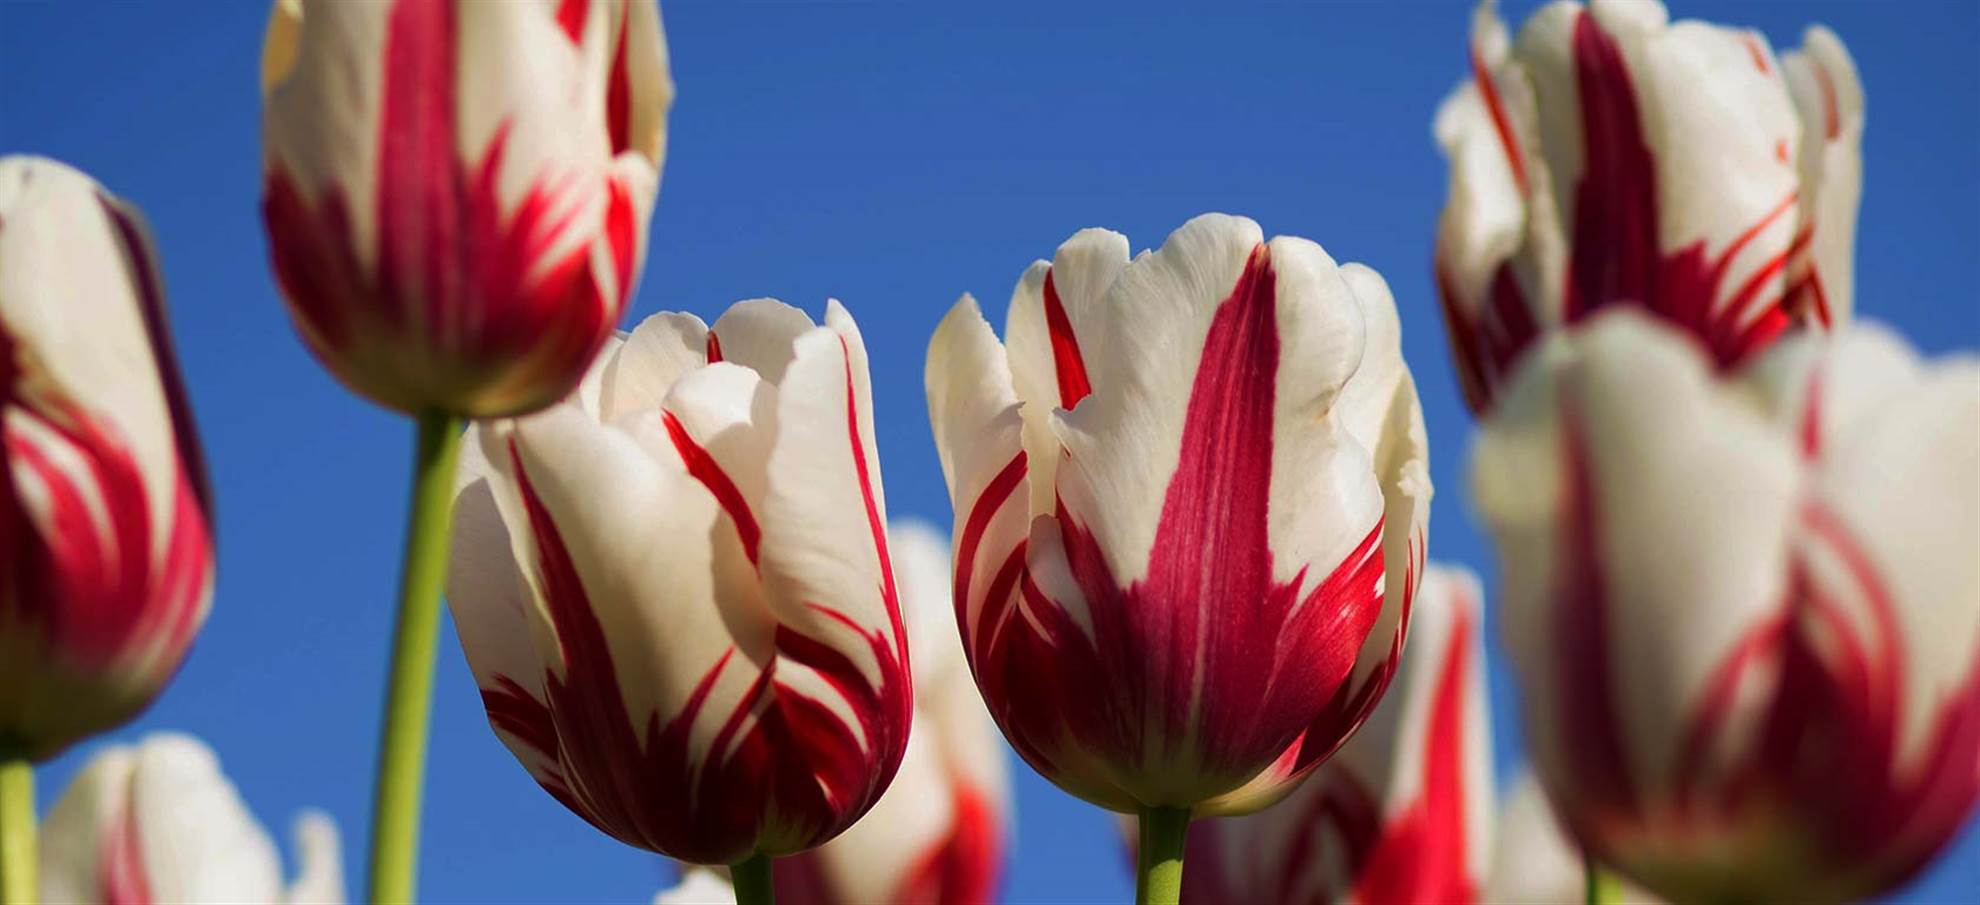 Vol en hélicoptère au dessus des tulipes